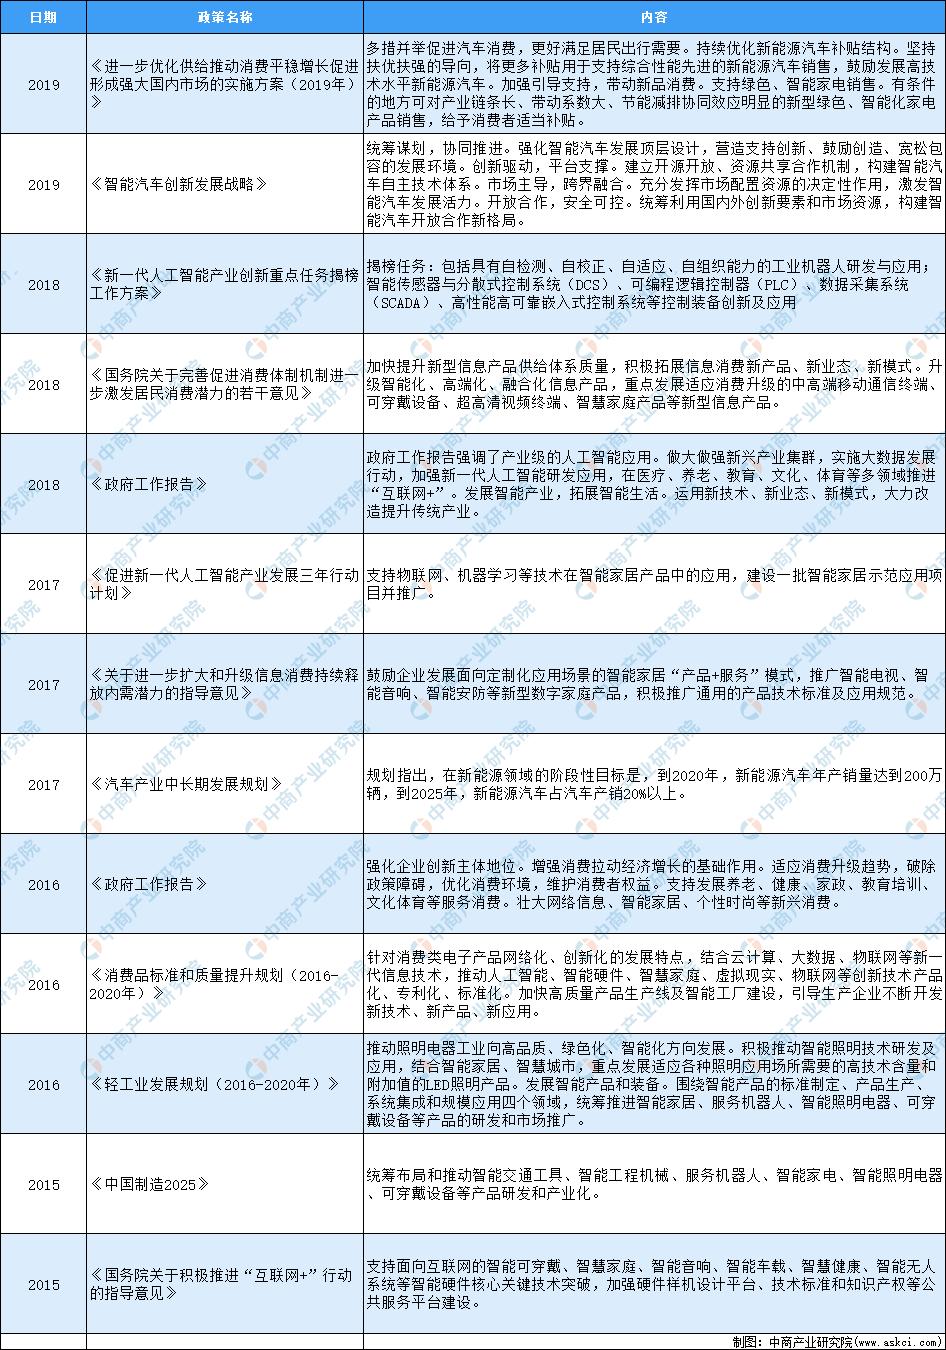 2020年中国智能控制器行业最新政策汇总一览(表)